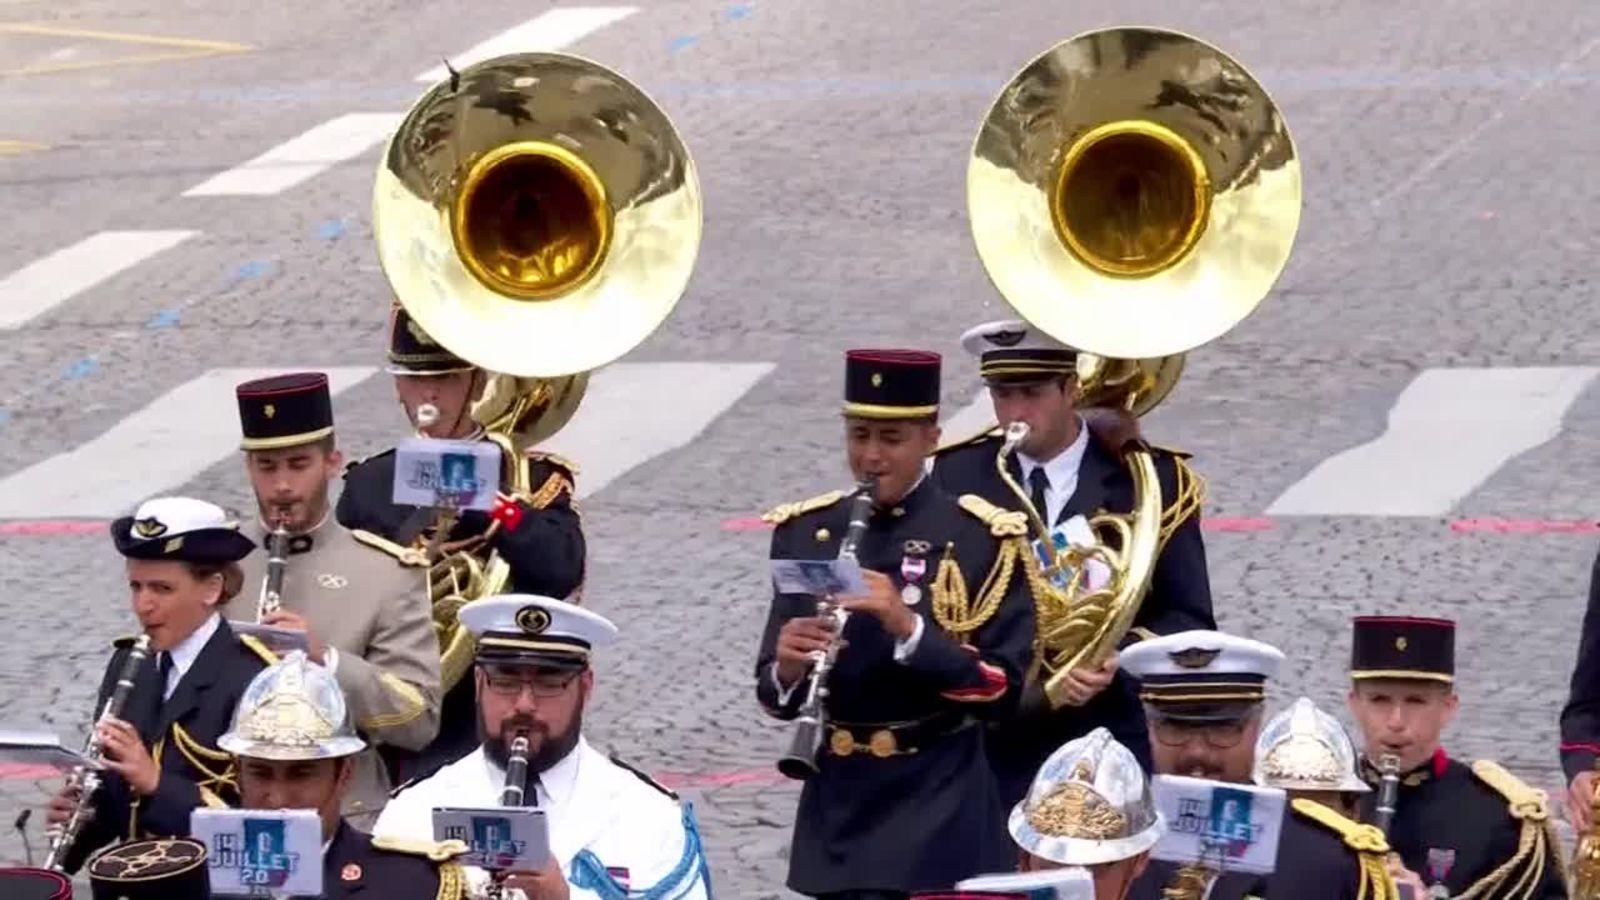 Banda marcial tocando Daft Punk en el Día Nacional de Francia